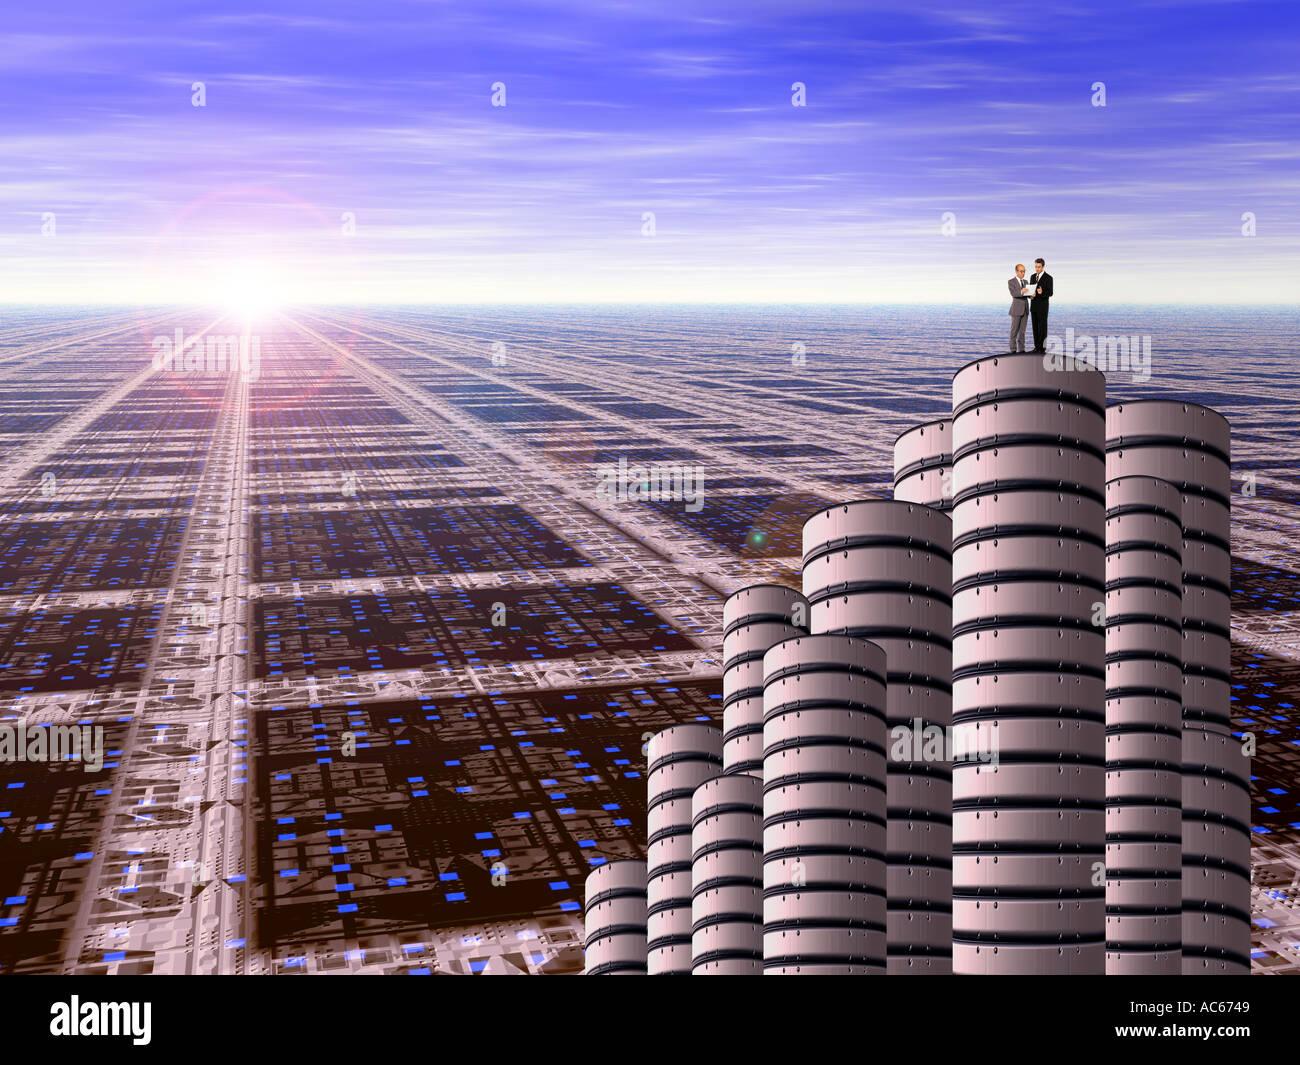 Future scape 2 - Stock Image